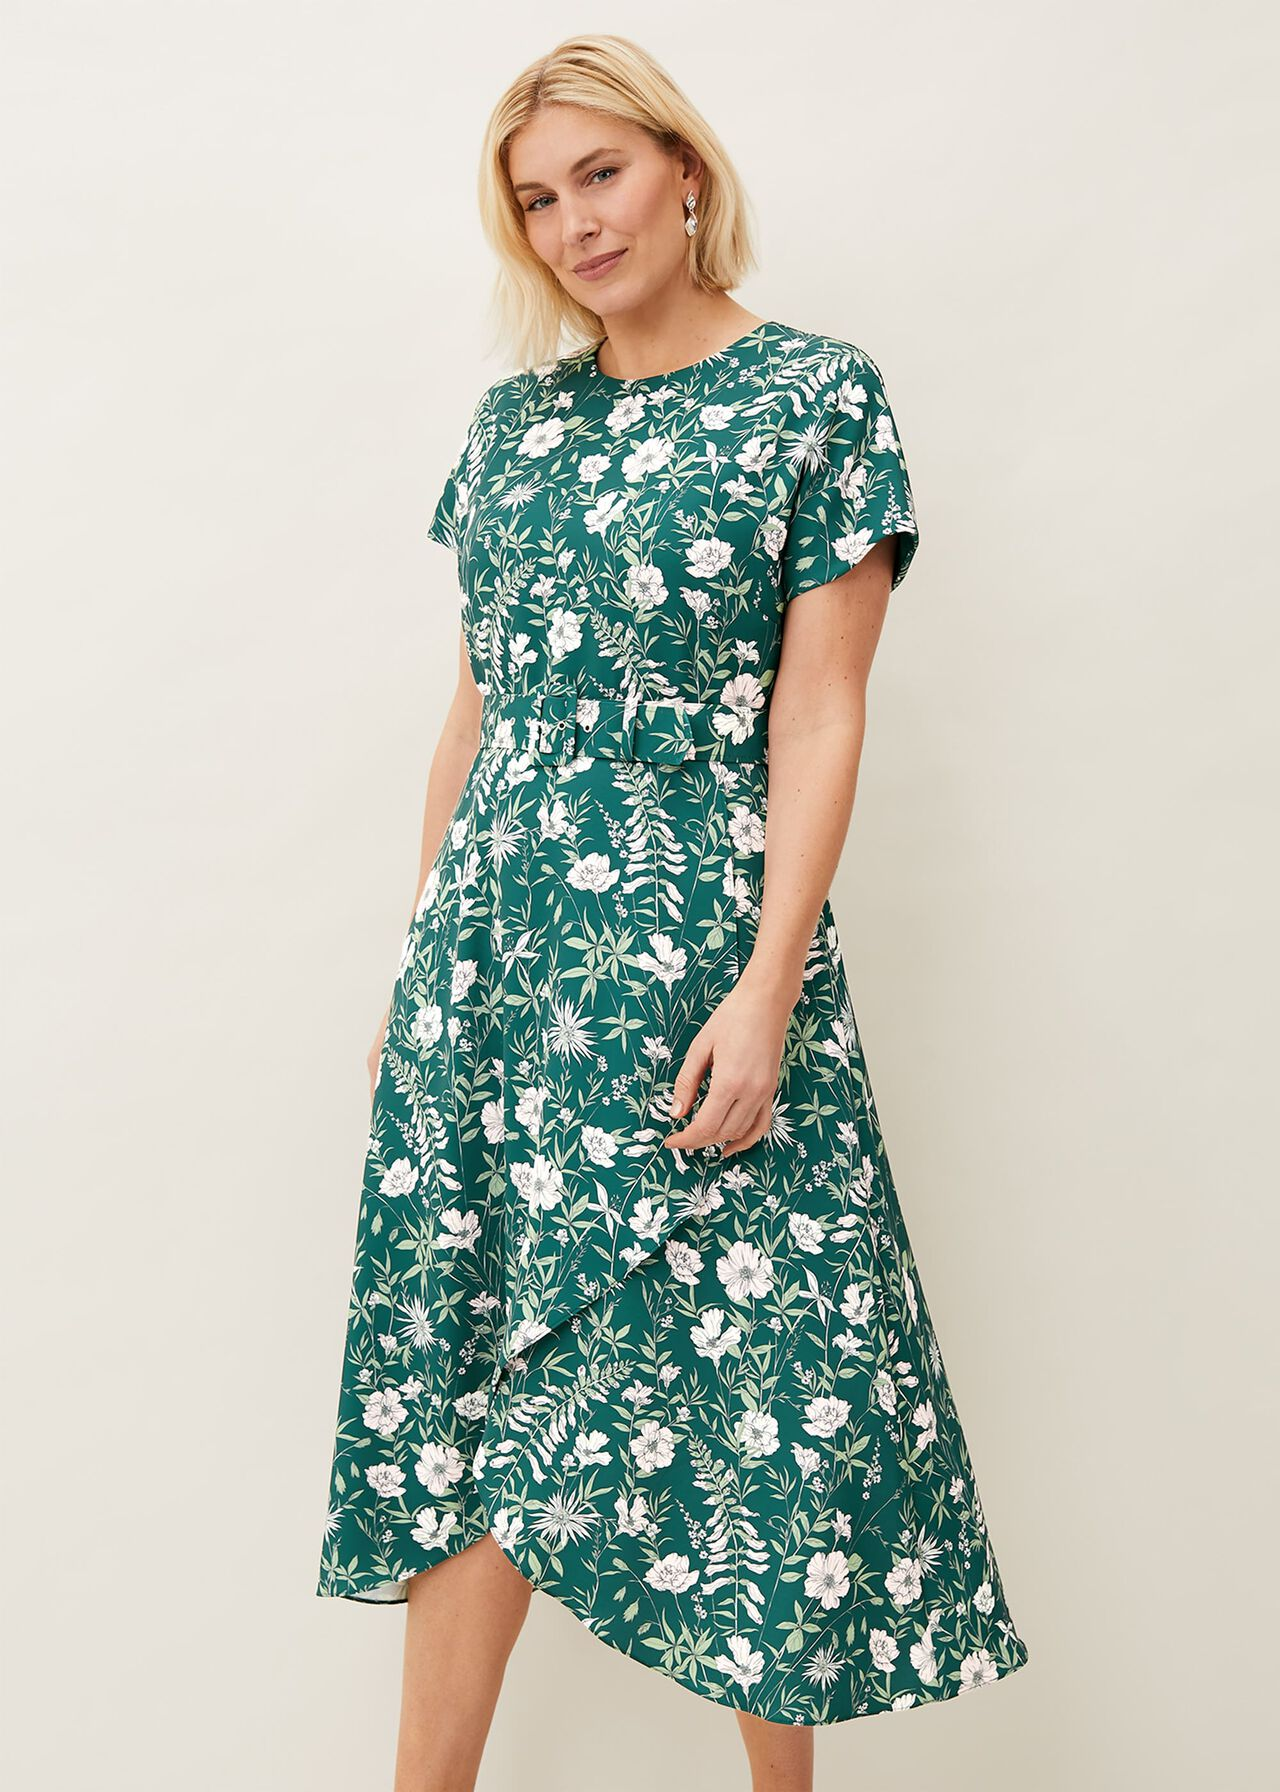 Dee Floral Frill Dress